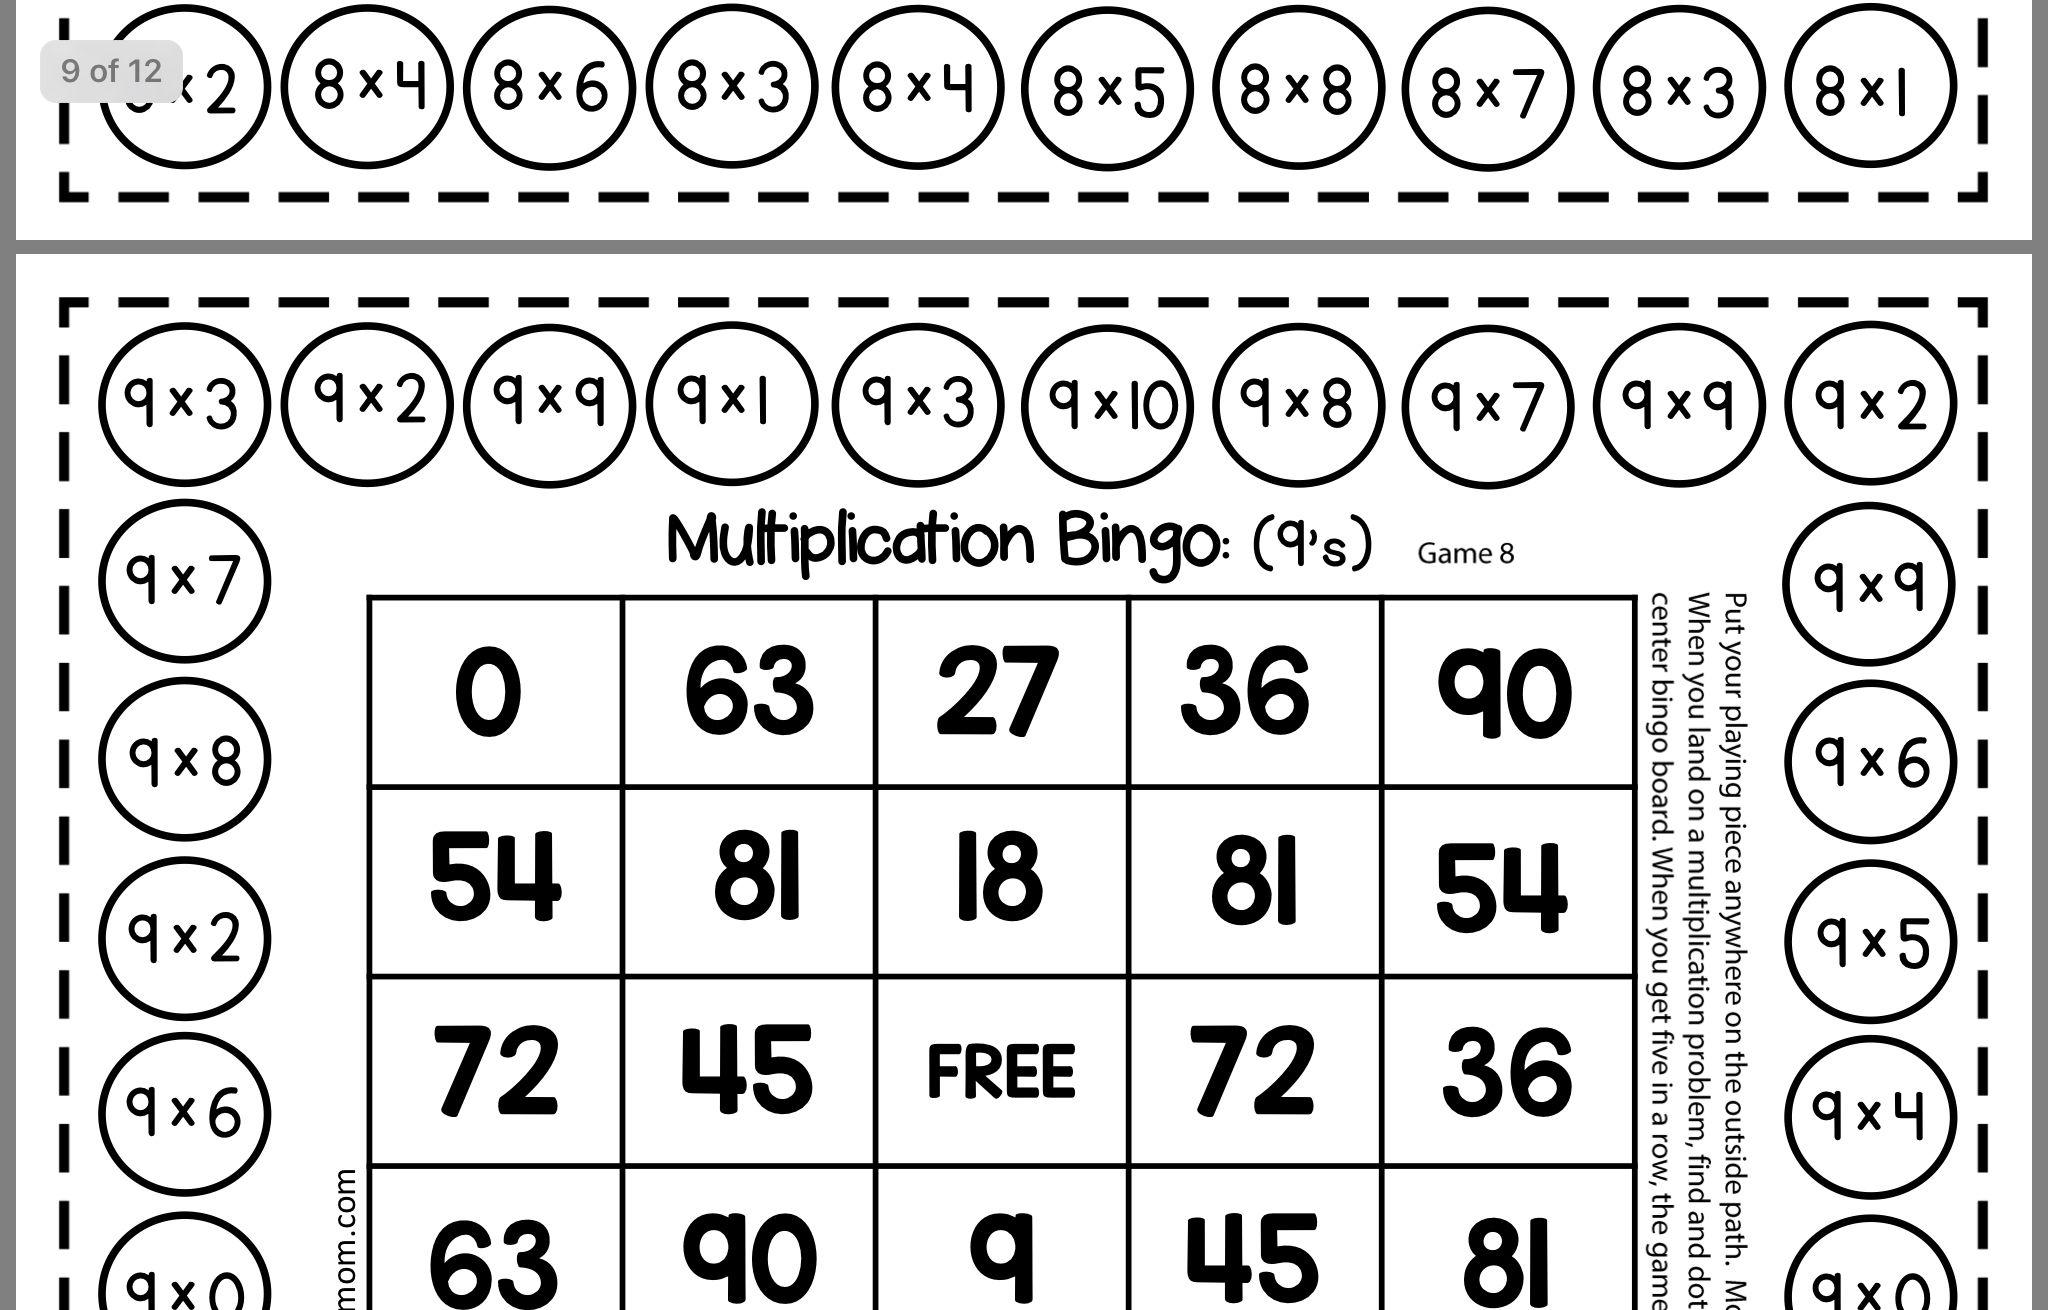 Multiplication Bingo Multiplication Bingo Multiplication Bingo